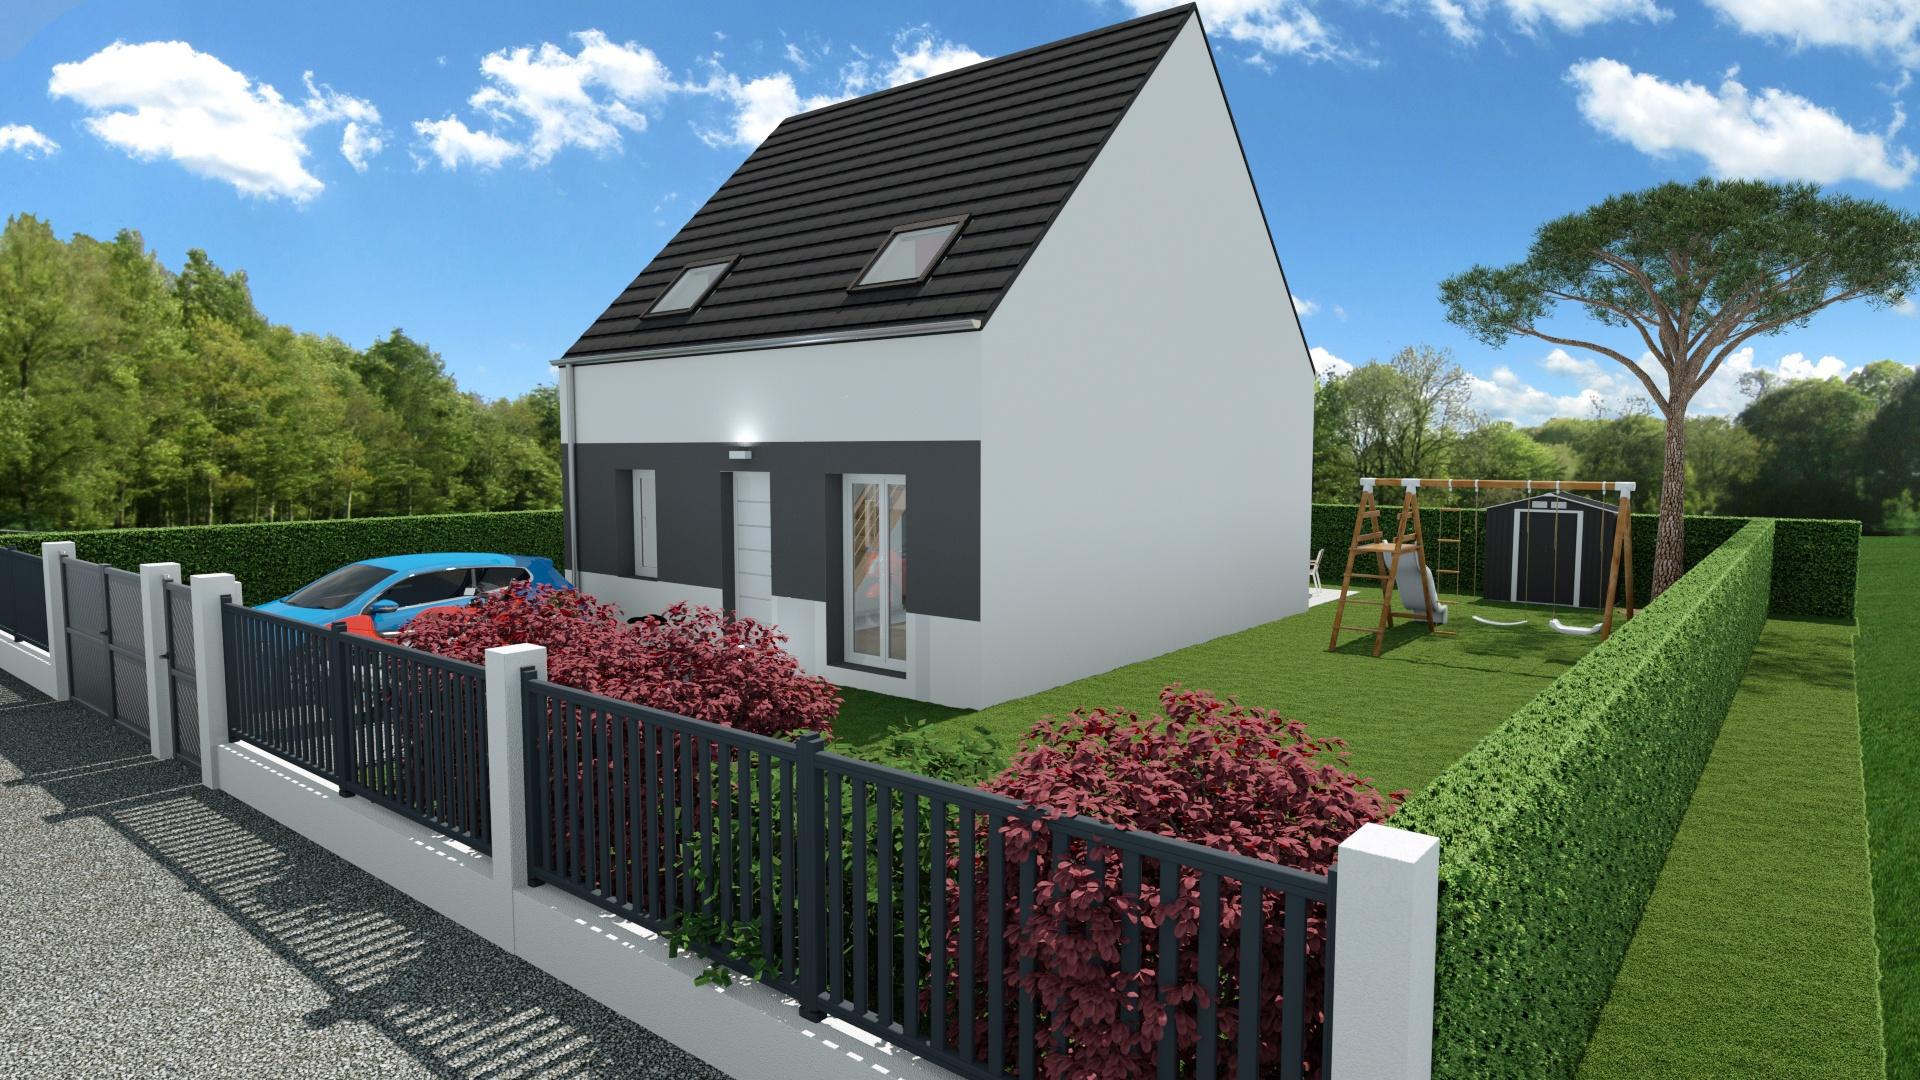 Constructeur De Maison Chartres maison plain-pied 3ch proche de chartres – saciel habitat